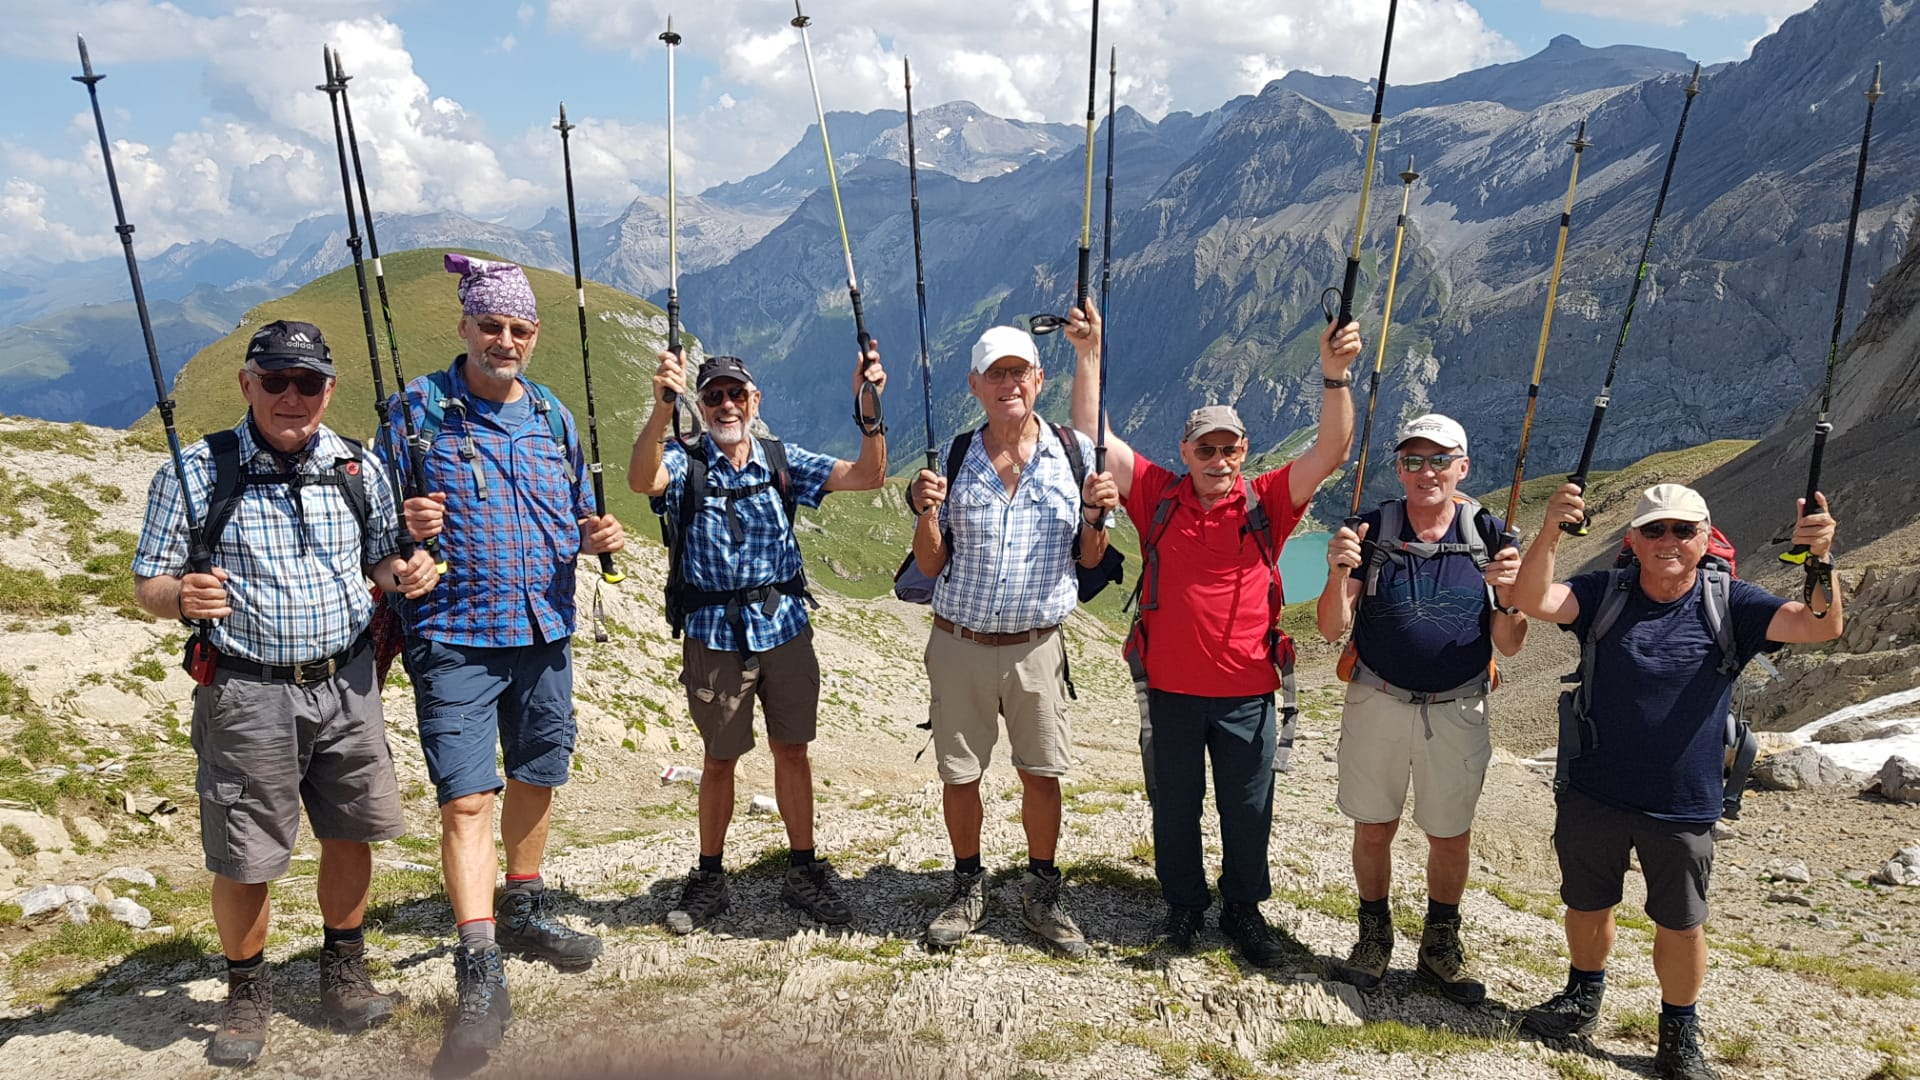 2019-08-30 Röstigraben 21. Etappe Lauenensee - Iffigenalp